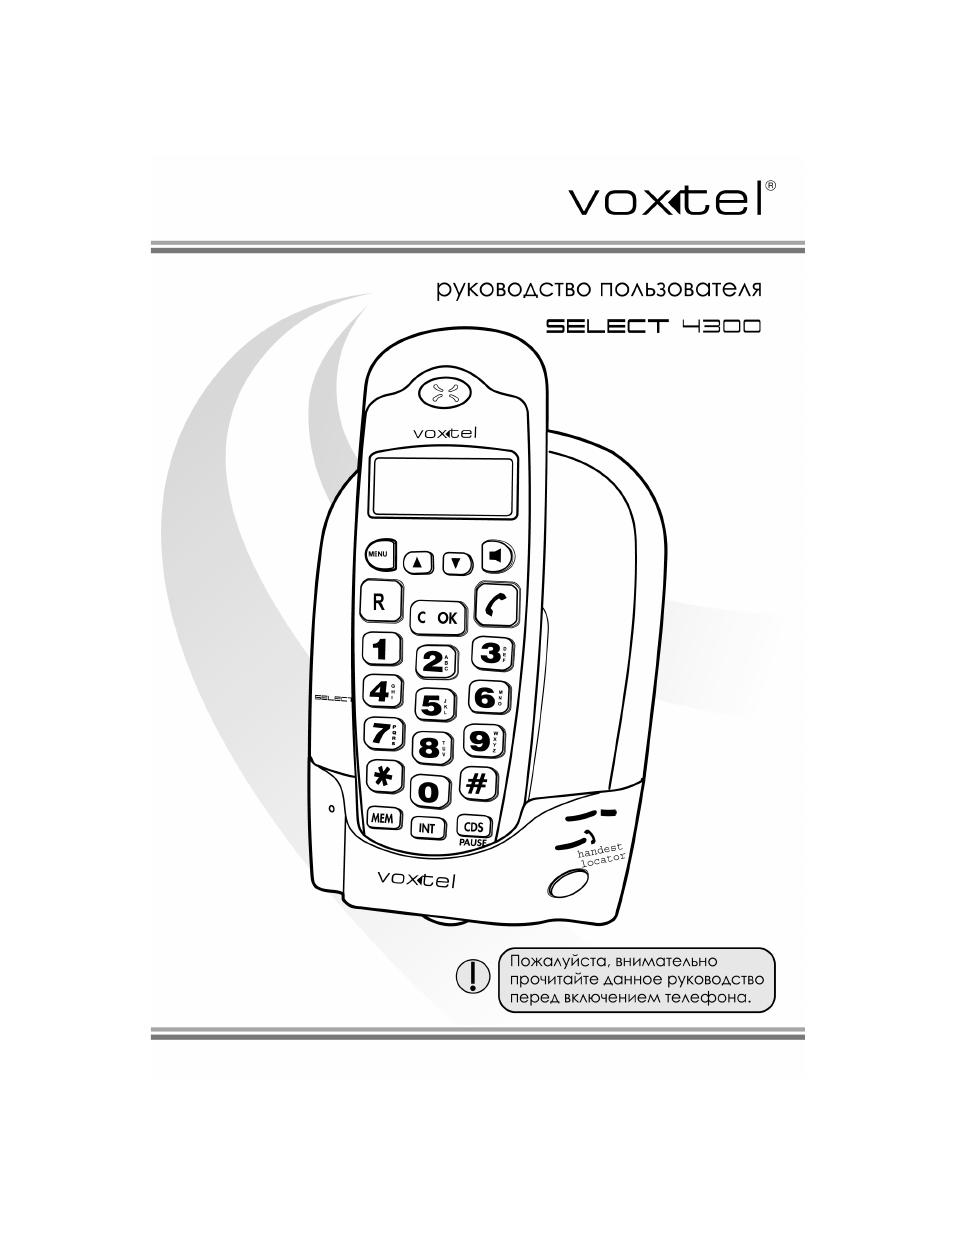 инструкция телефон voxtel select 3300